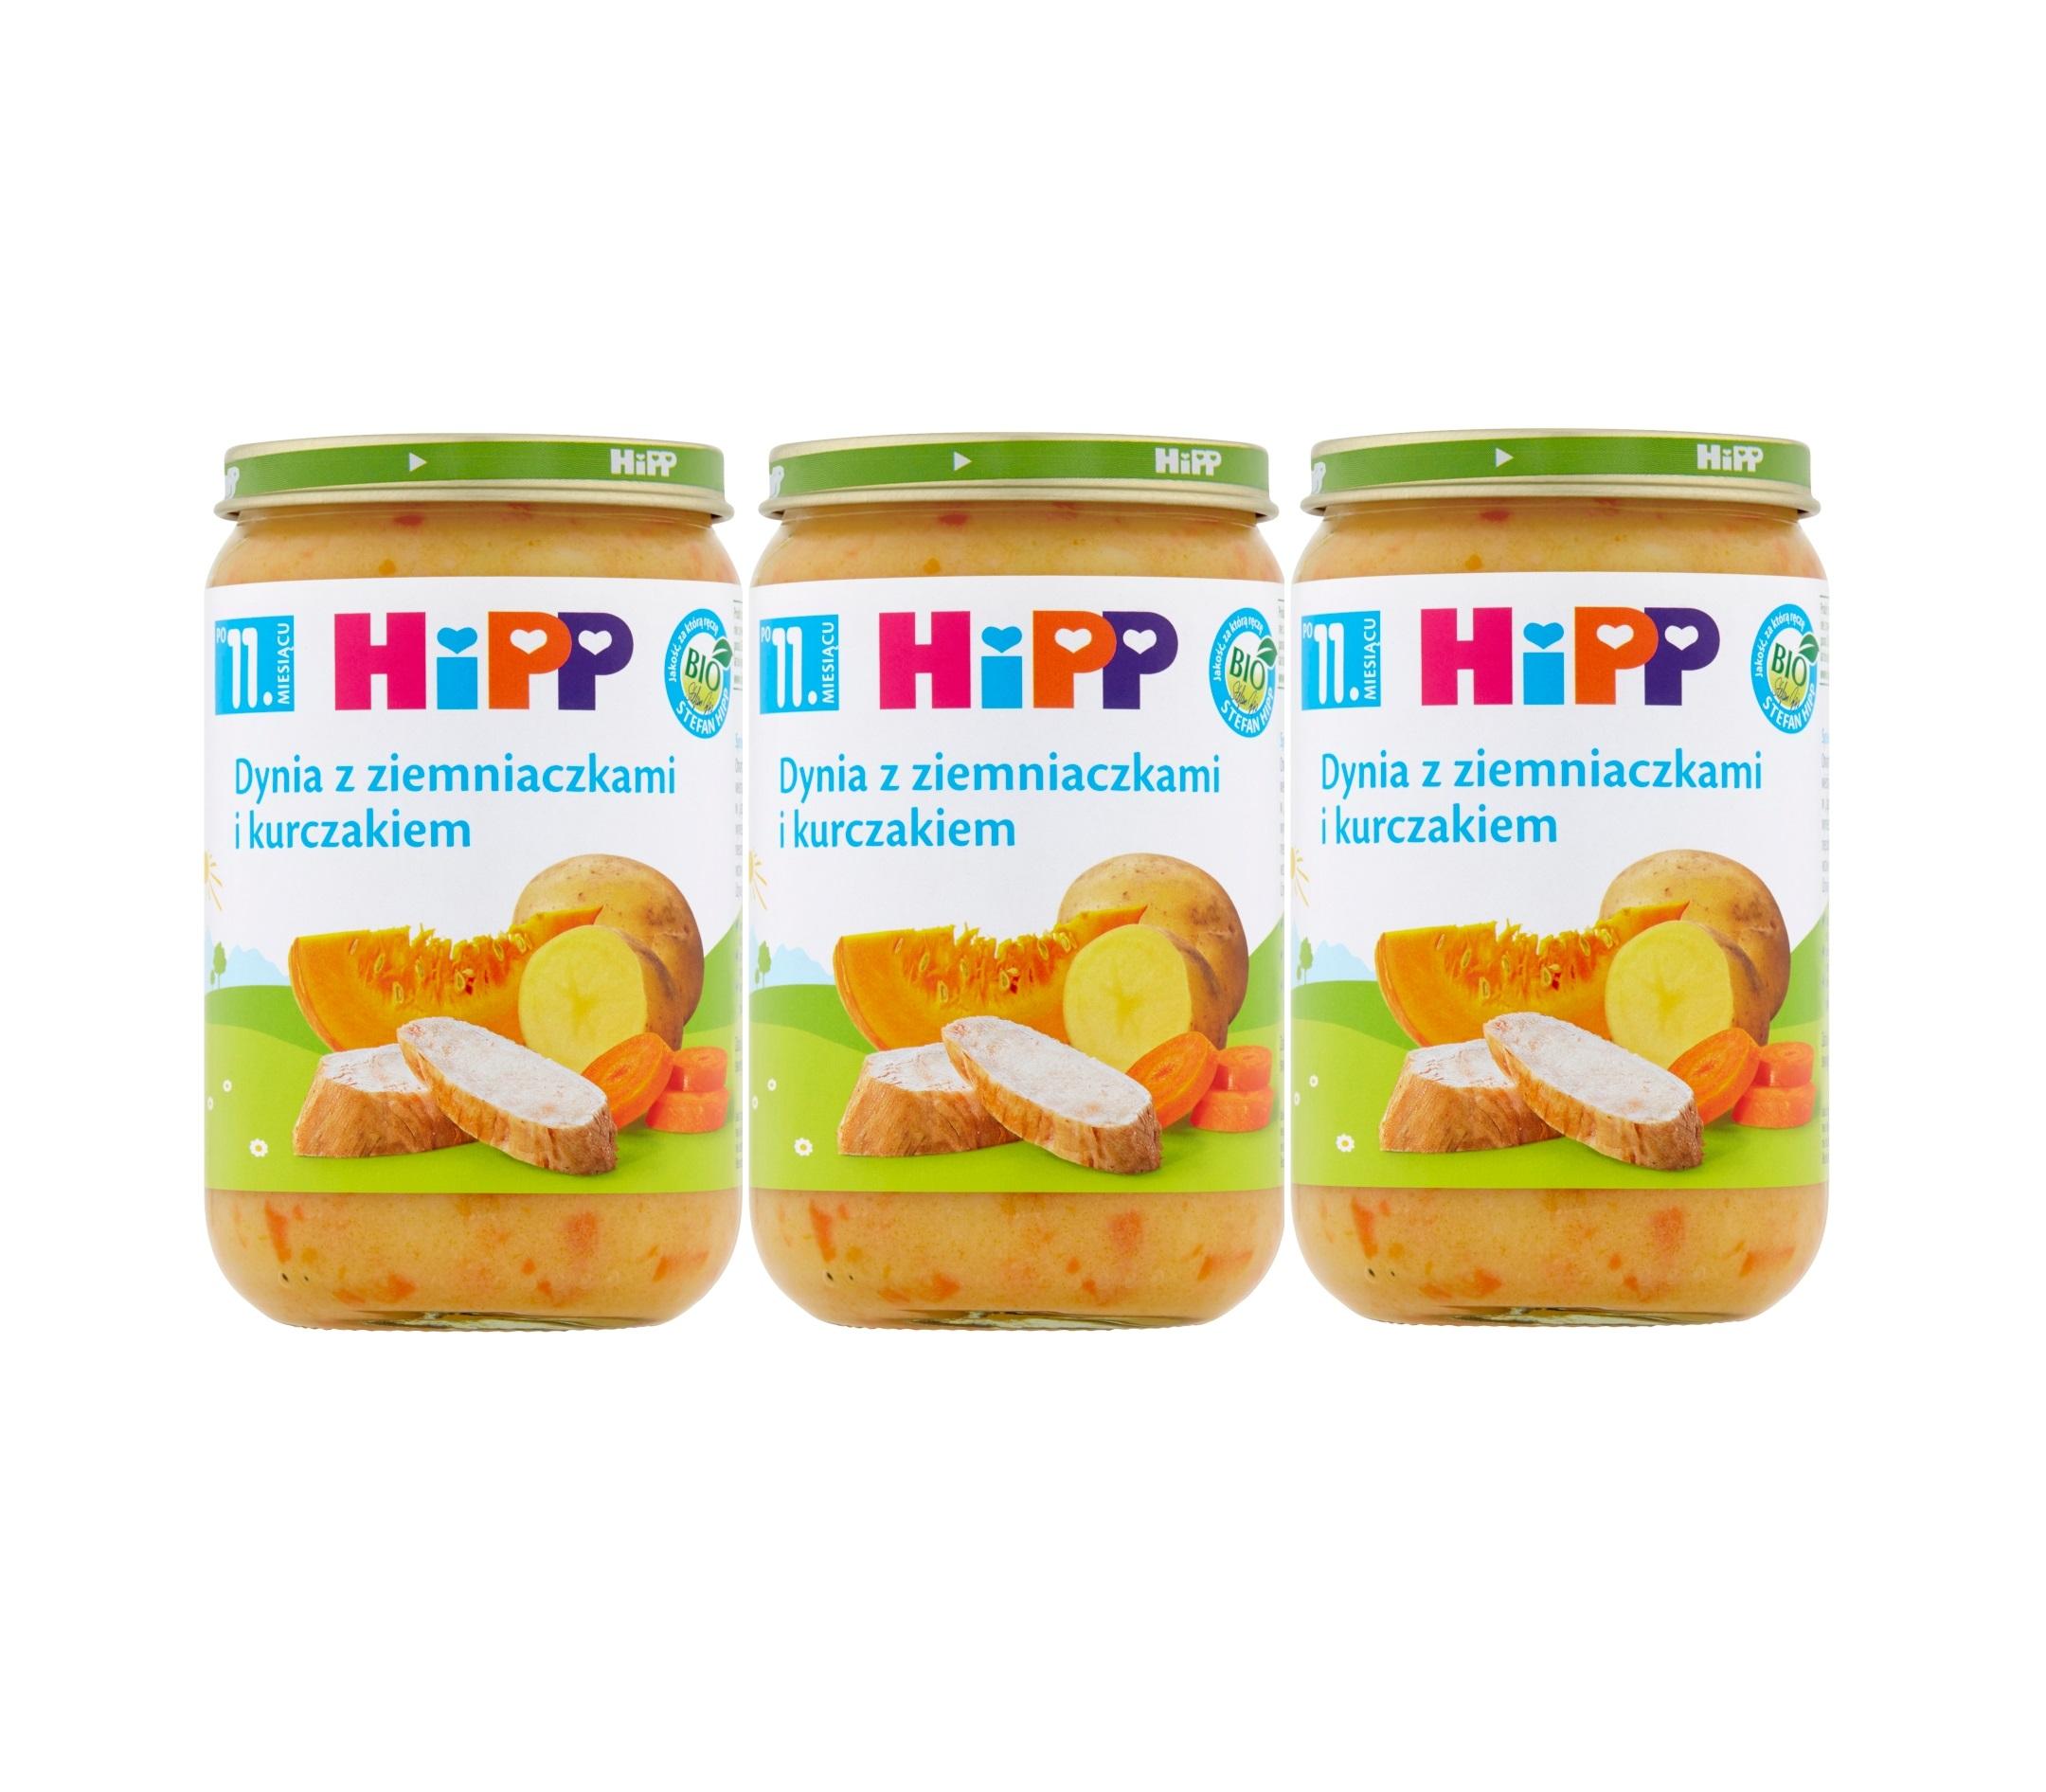 Hipp dynia z ziemniakami i kurczakiem 3x220g